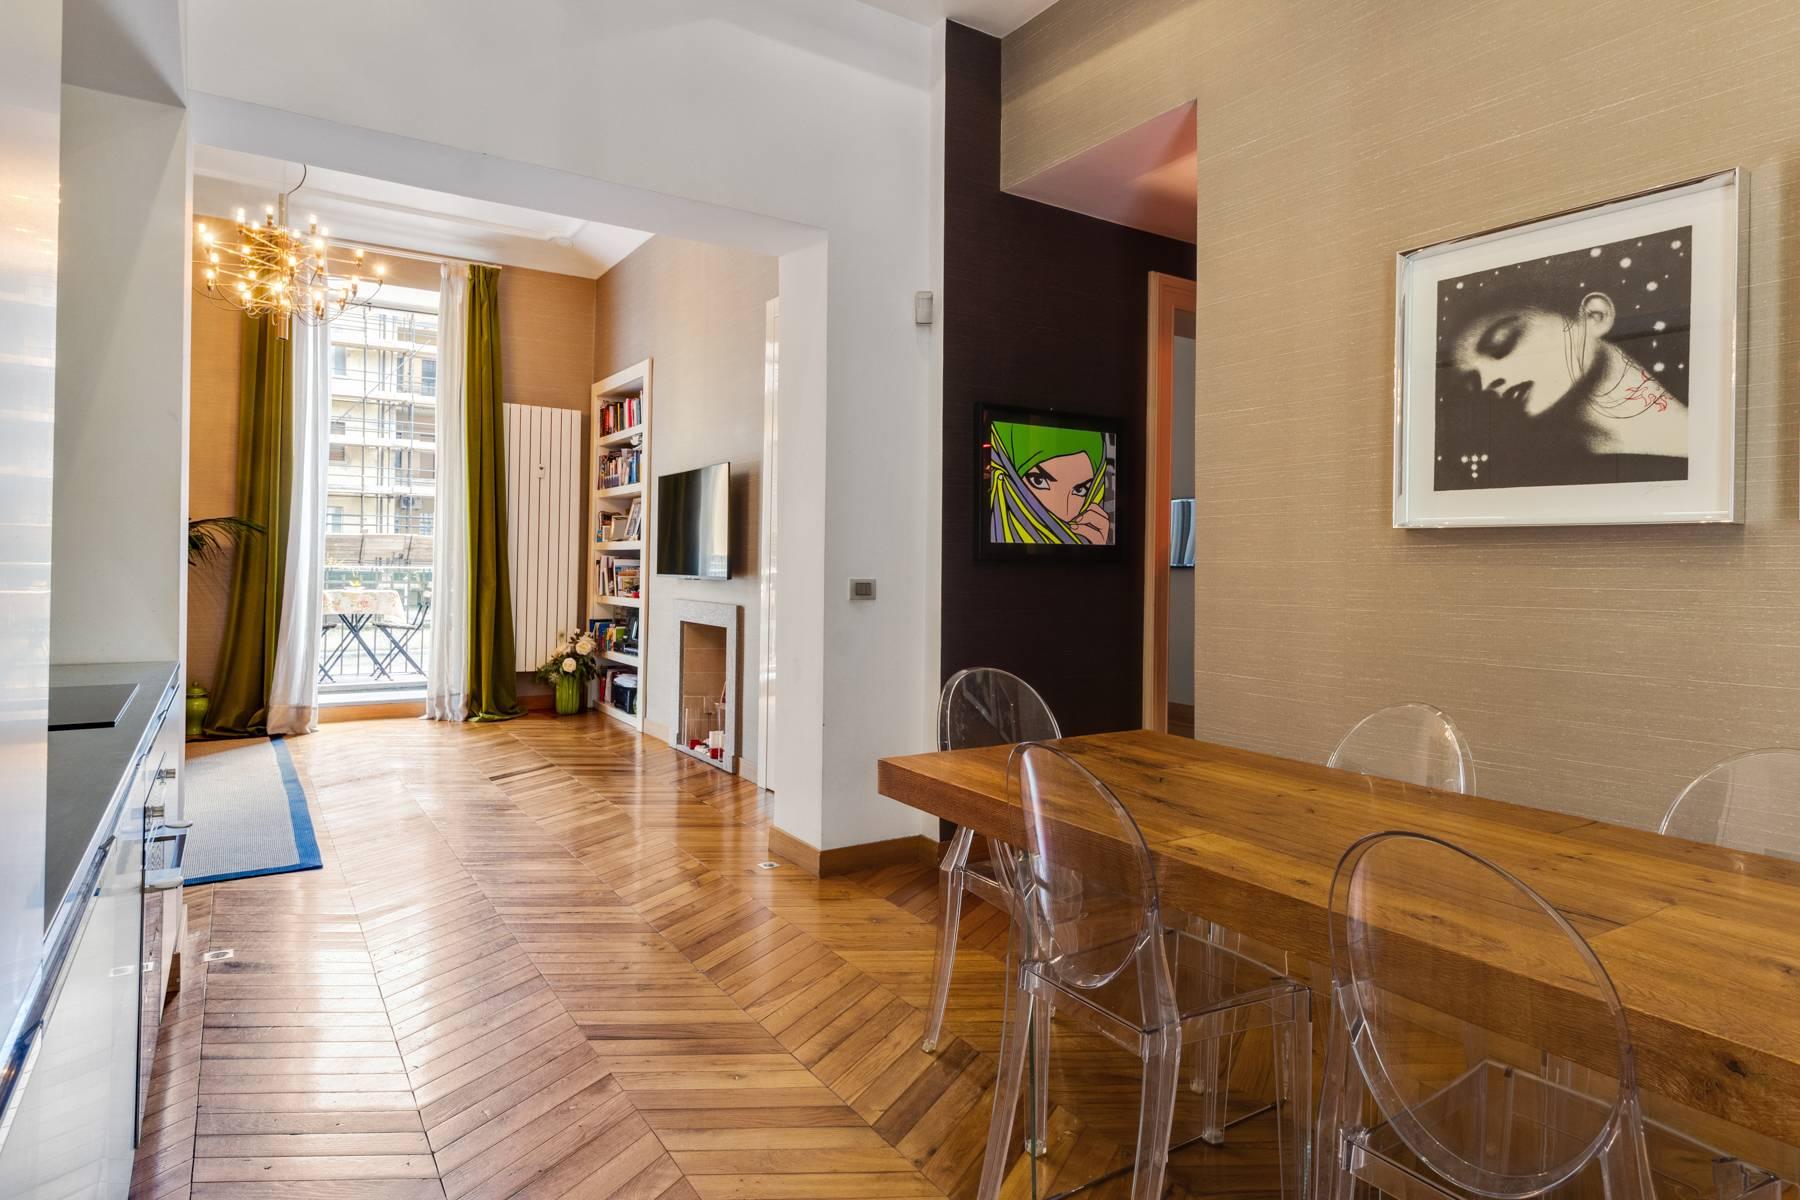 Appartamento in Vendita a Torino: 4 locali, 118 mq - Foto 1